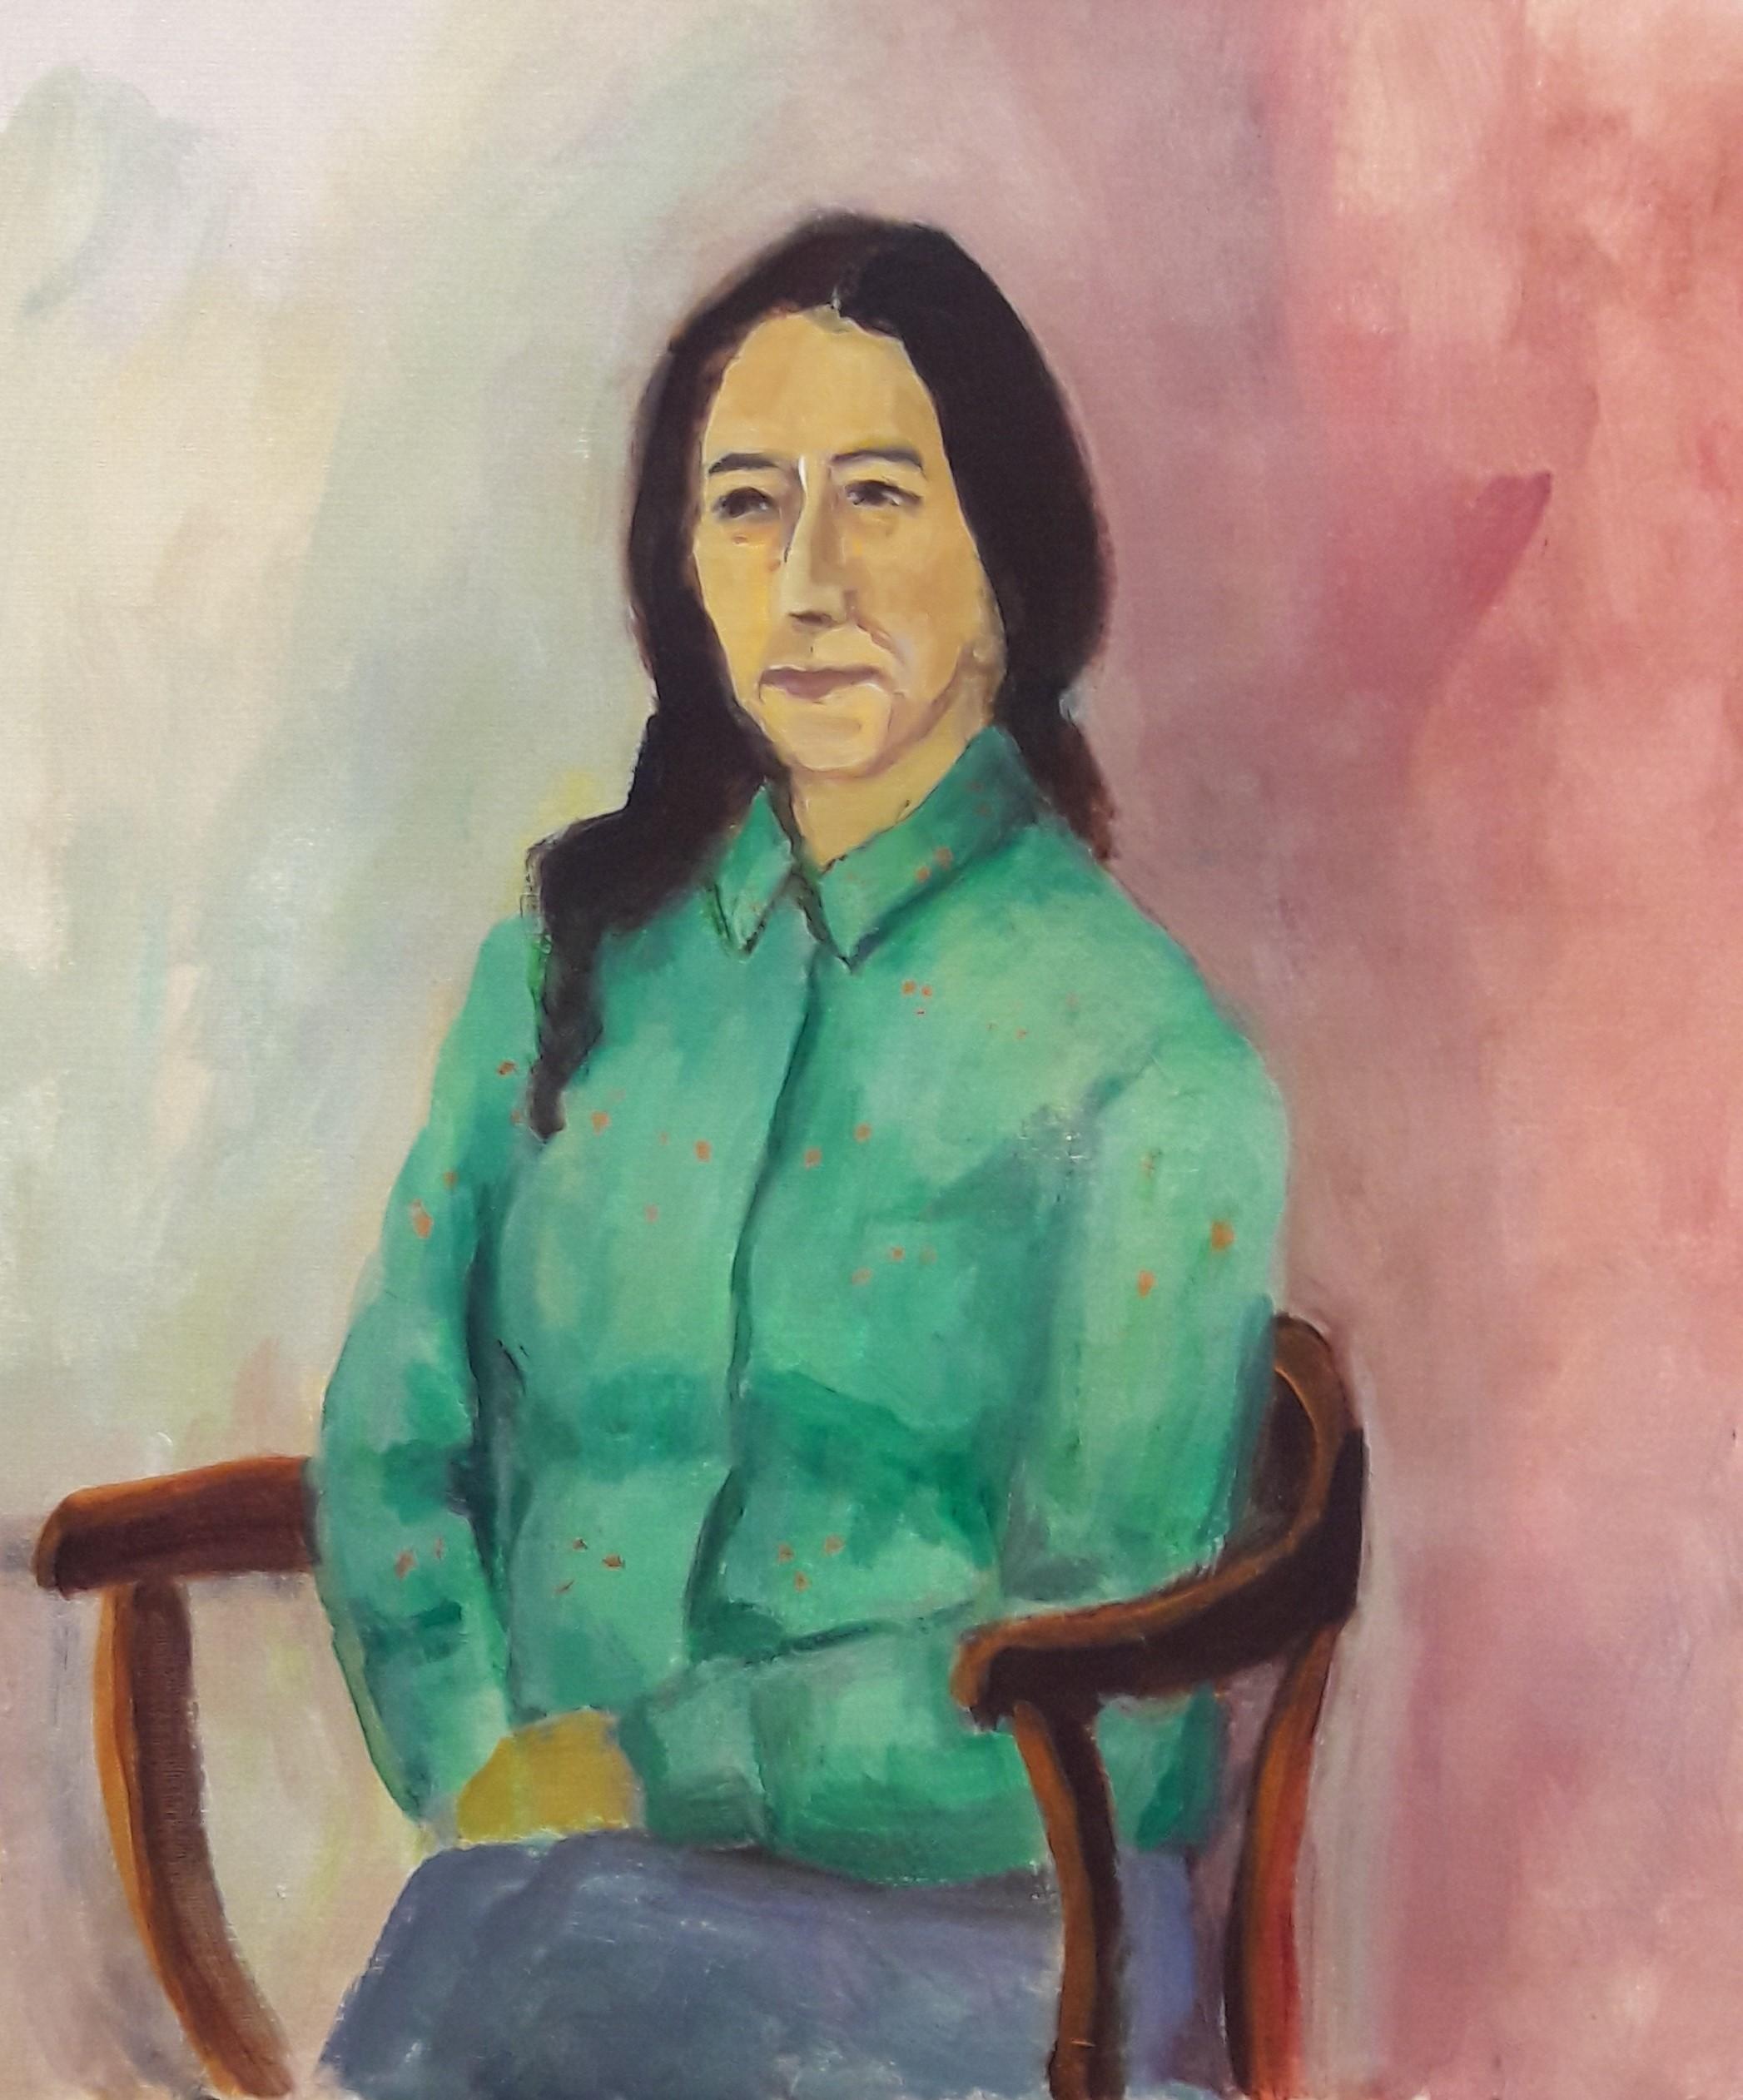 portret peruaanse maart 19